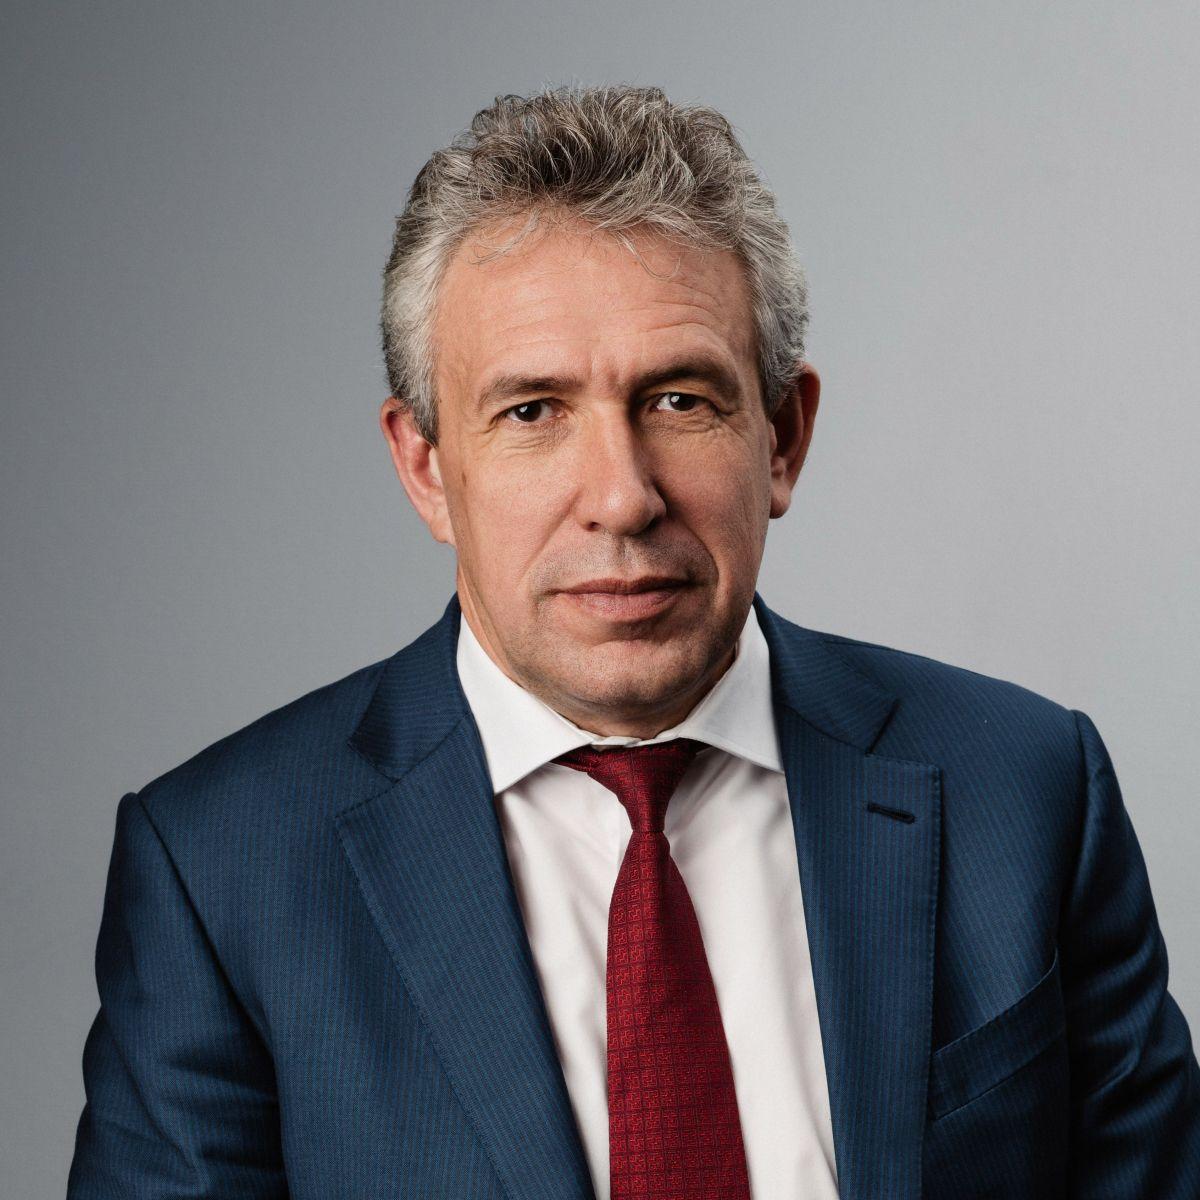 Сергей Горьков: Завод в Кимрах поможет импортозамещению в сфере геологоразведки